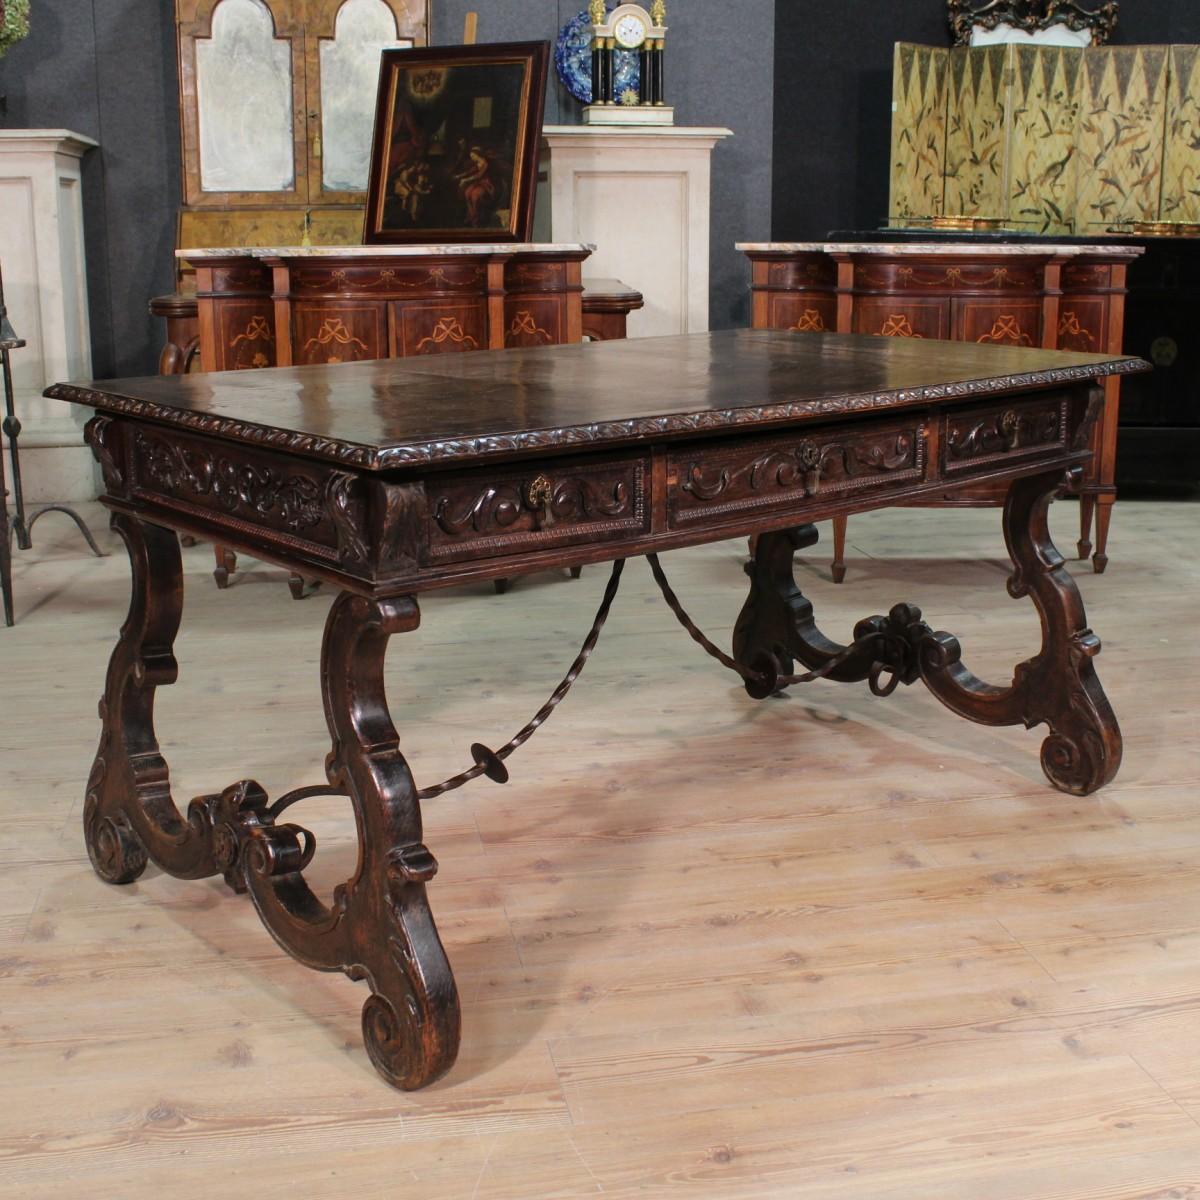 Grande tavolo scrittoio rinascimentale legno scolpito 3 - Tavolo grande legno ...